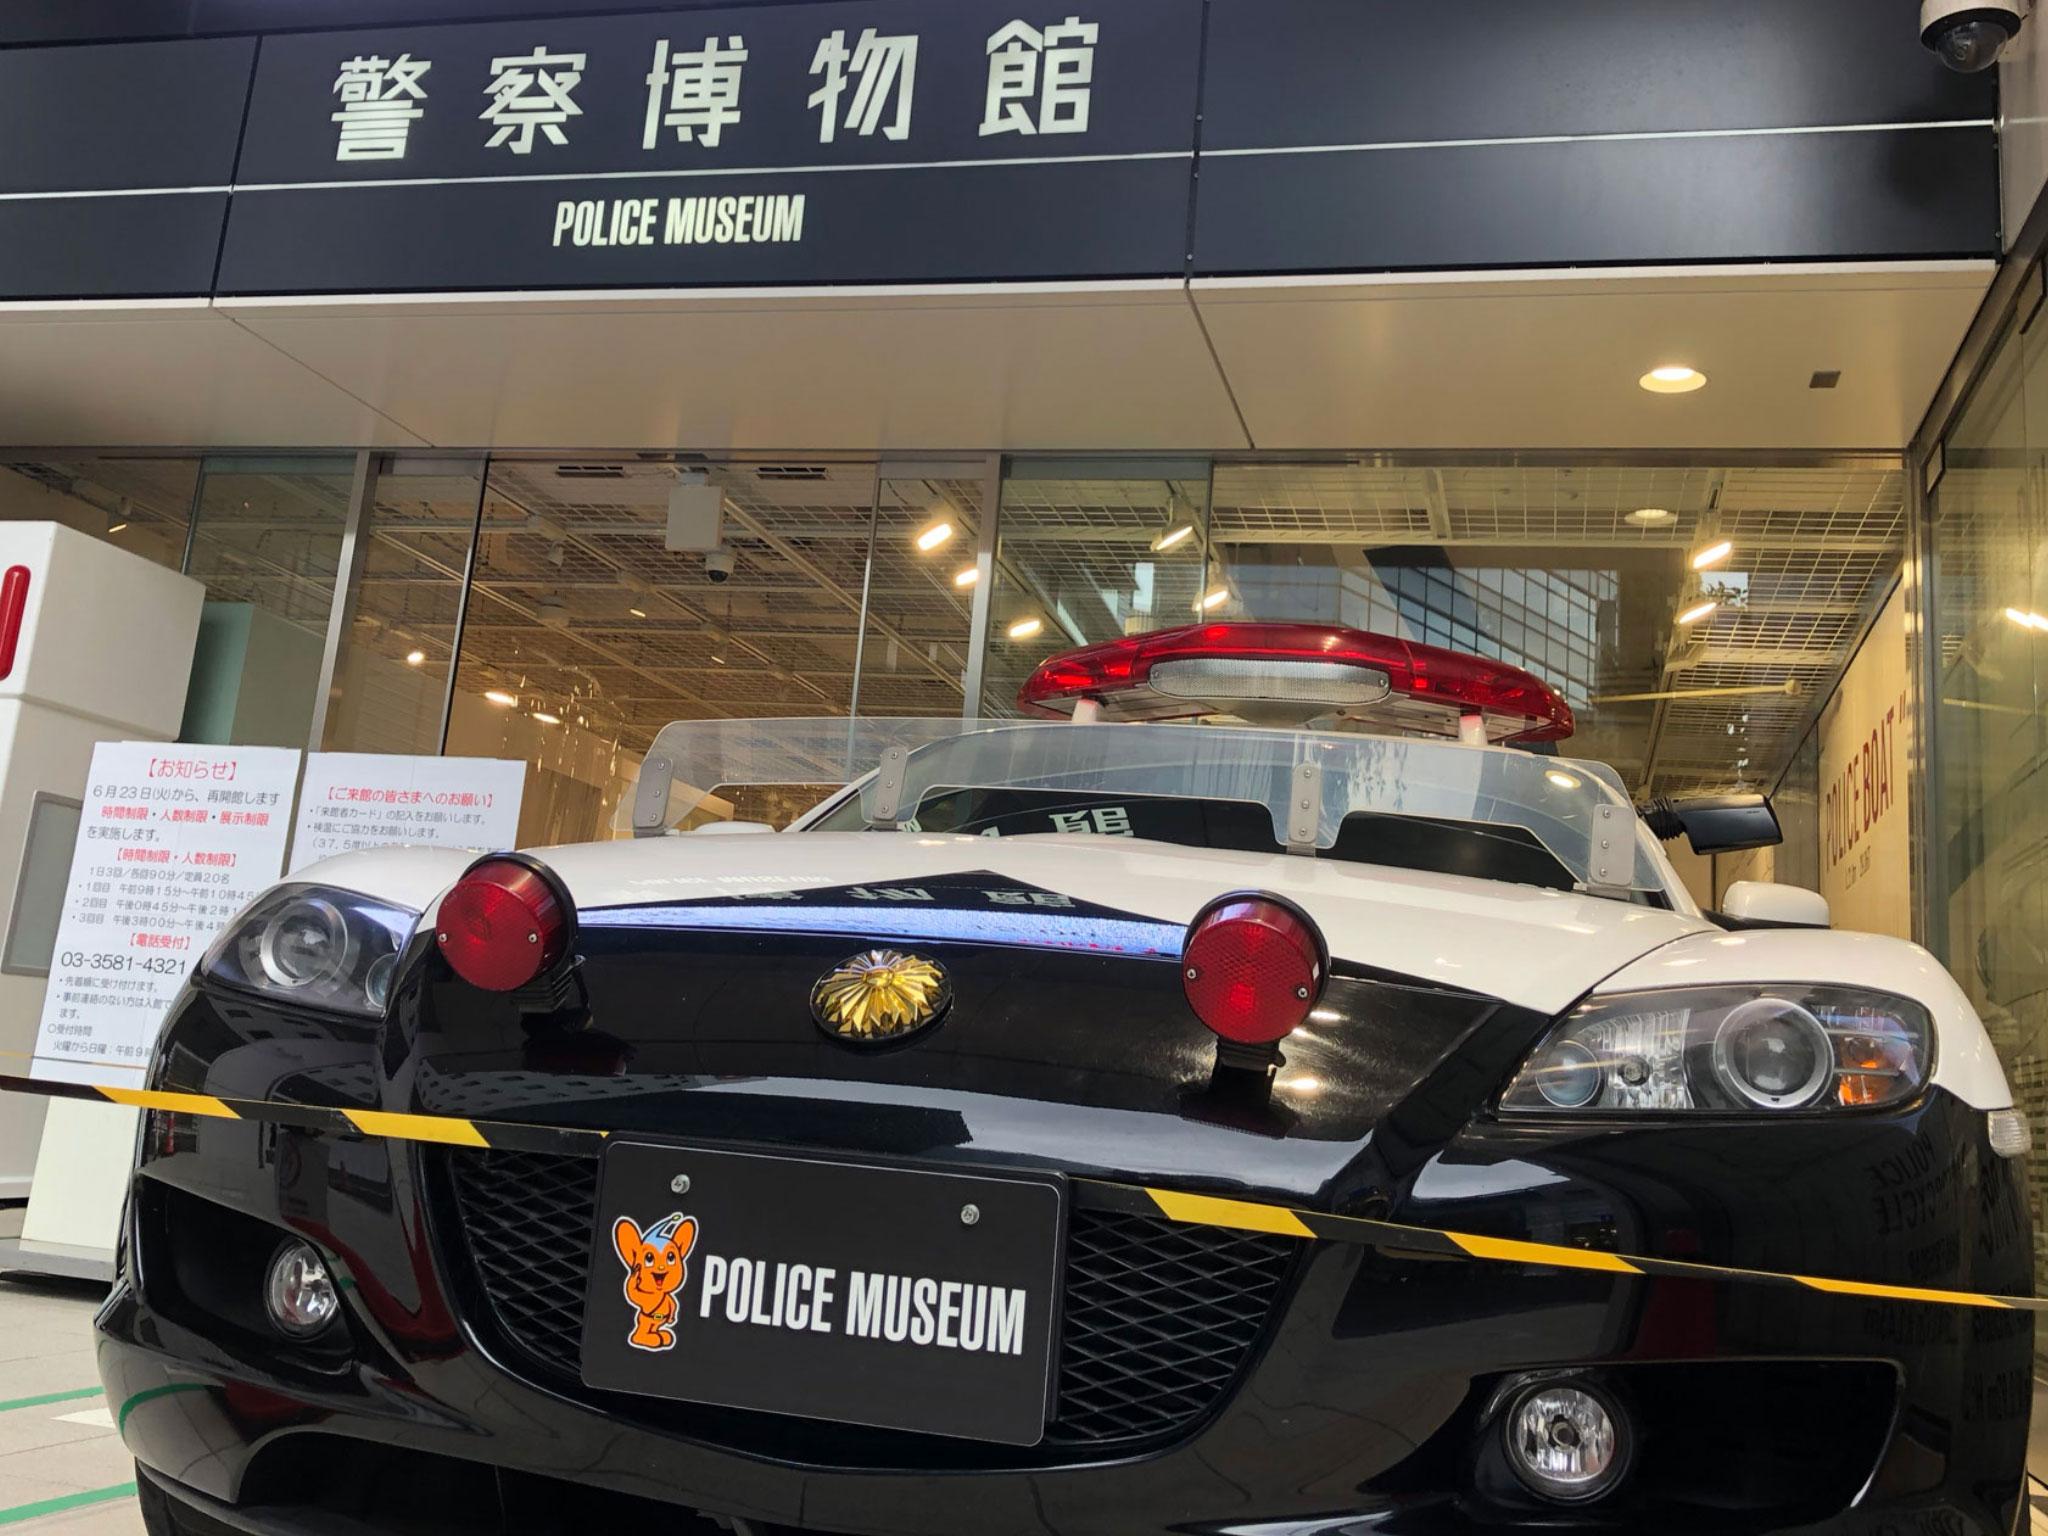 警察博物館入り口